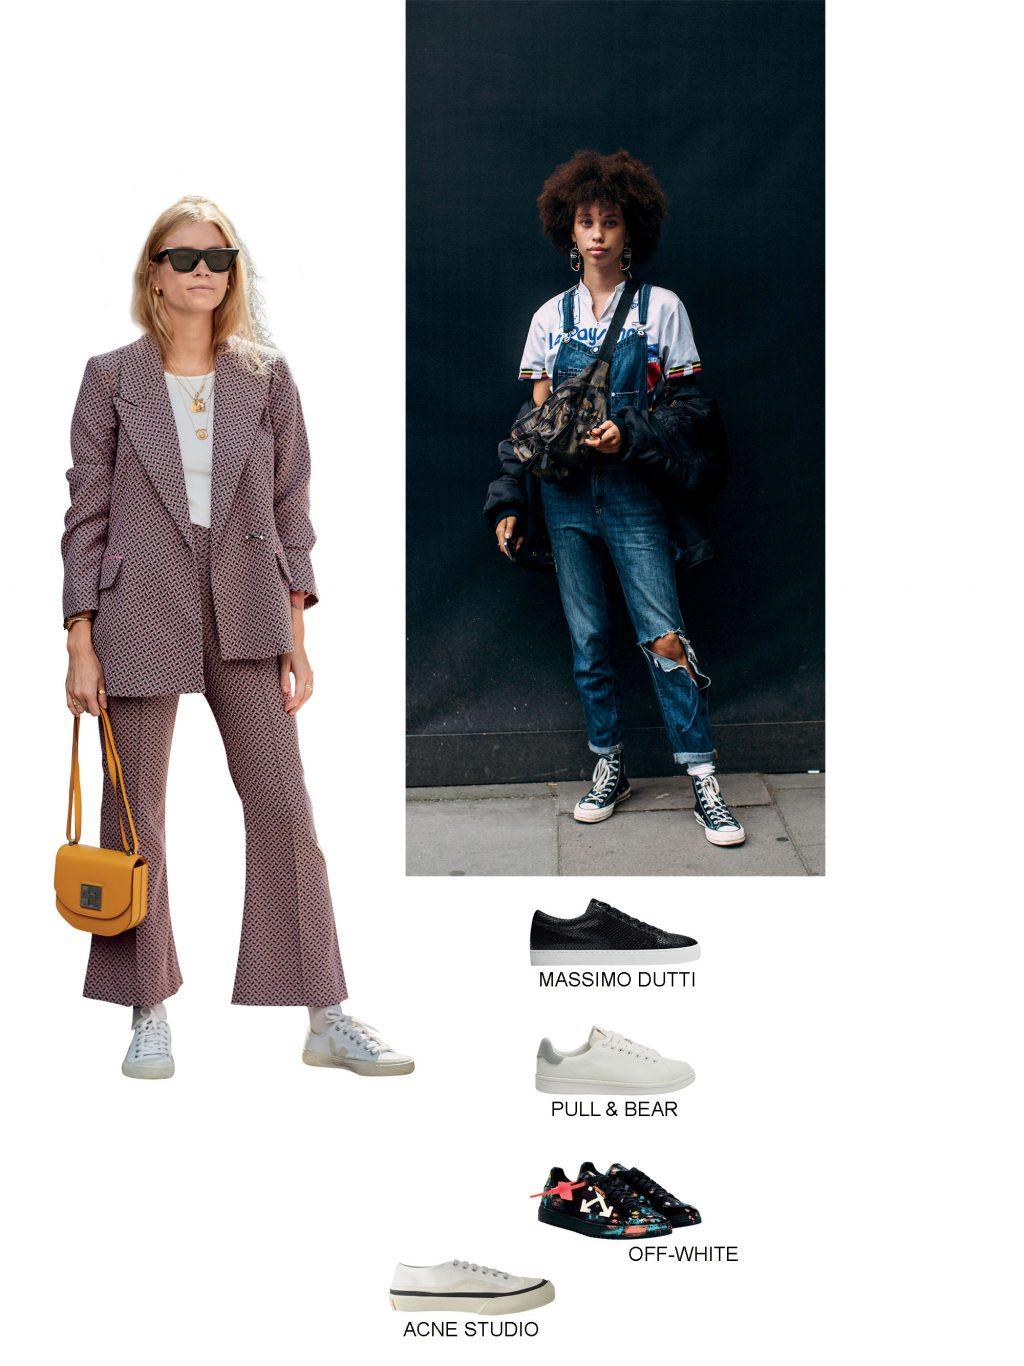 Chọn kiểu giày nào để tự tin xuống phố những ngày giao mùa? - Hình 2